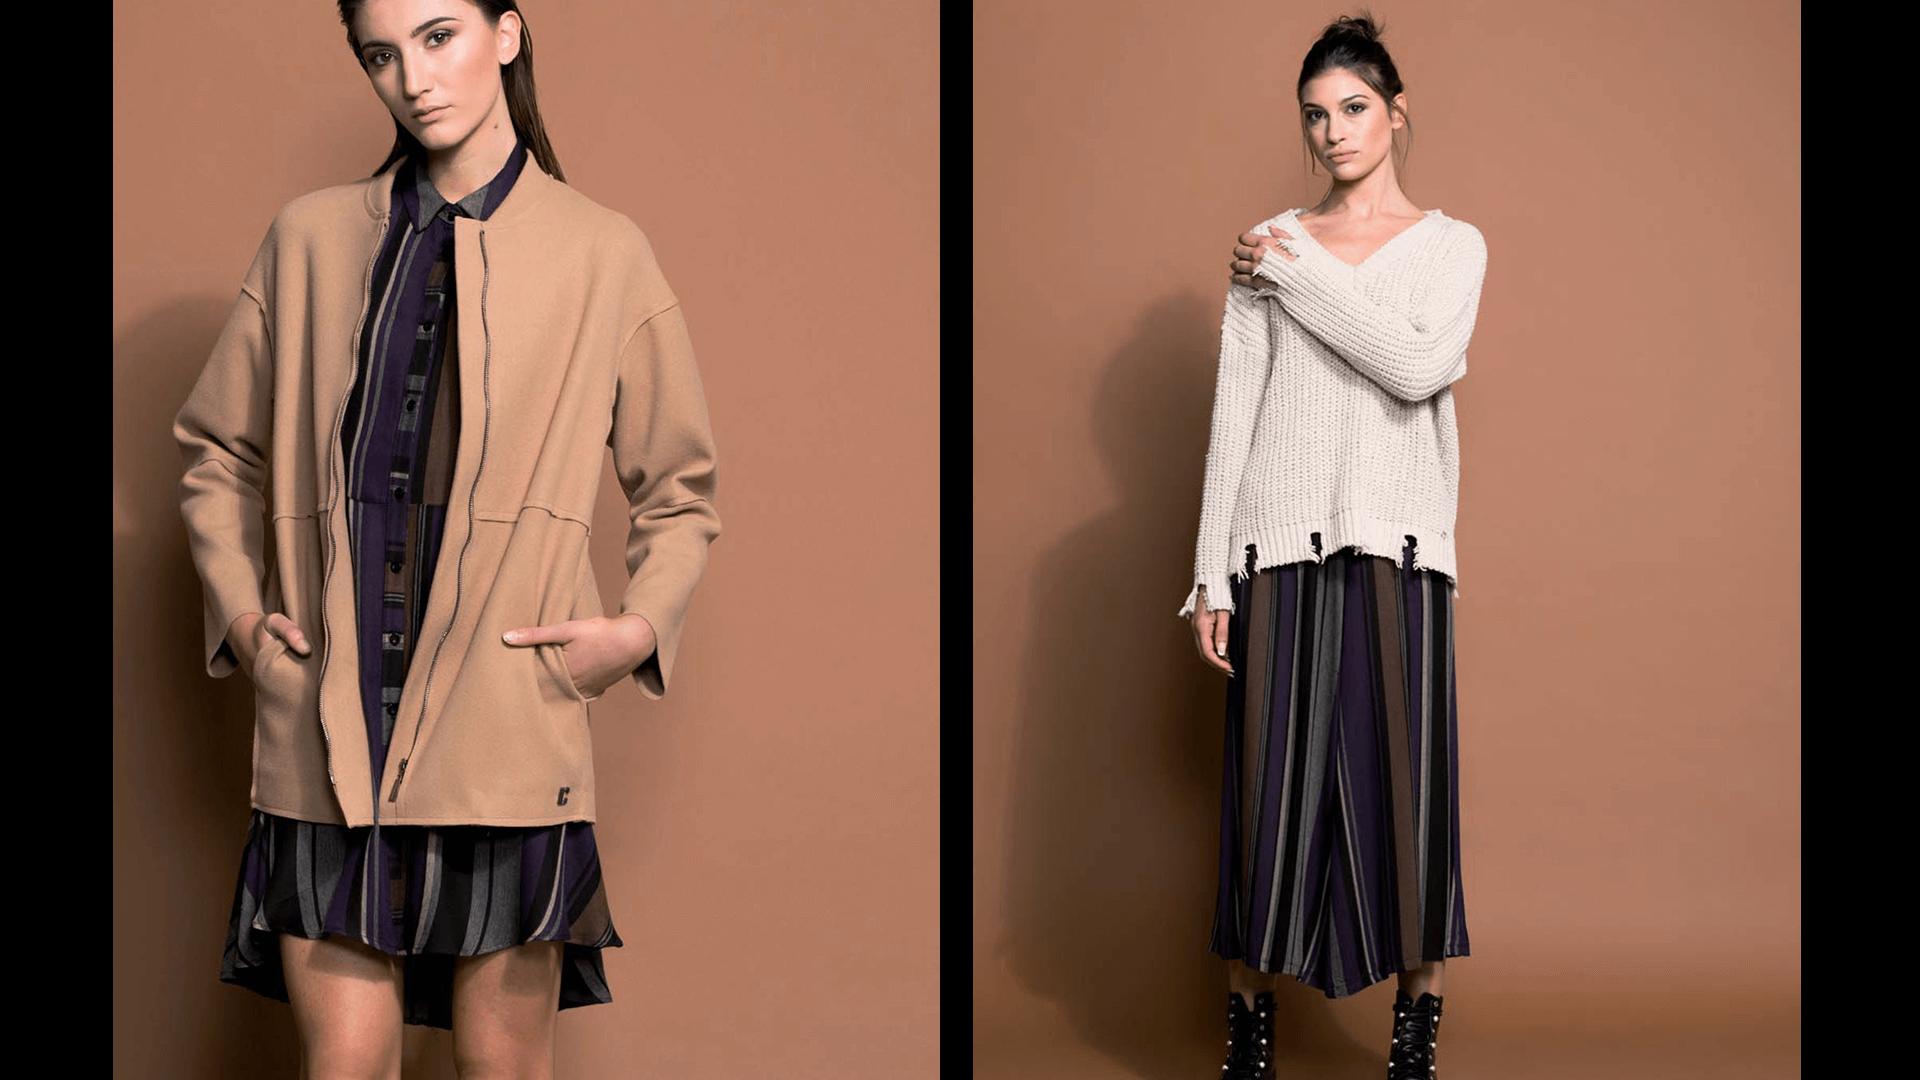 Abbigliamento Coconuda inverno 2018 2019 Abbigliamento Coconuda inverno 2018 2019 - Coconuda Abbigliamento Catalogo Inverno 2018 2019 Abbigliamento Coconuda inverno 2018 2019 - Coconuda Abbigliamento Catalogo Inverno 2018 2019